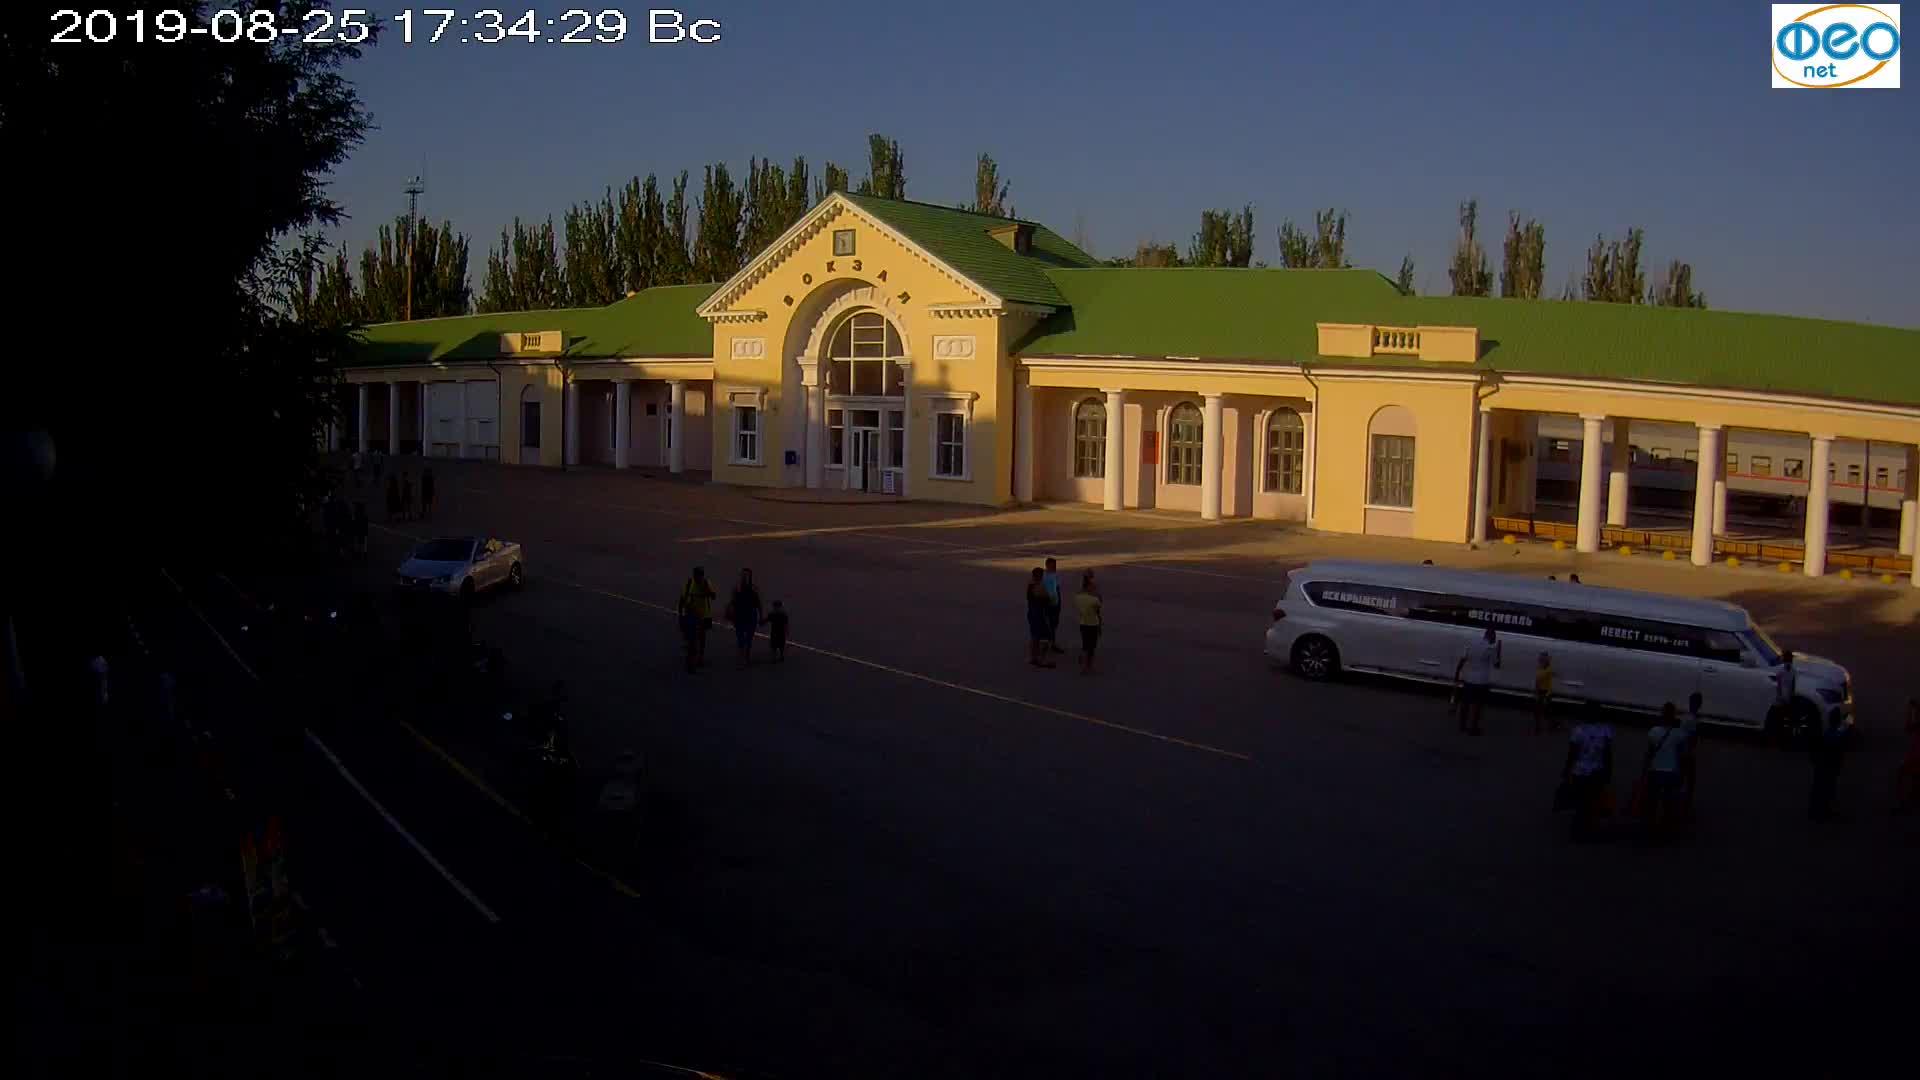 Веб-камеры Феодосии, Привокзальная площадь, 2019-08-25 17:50:05